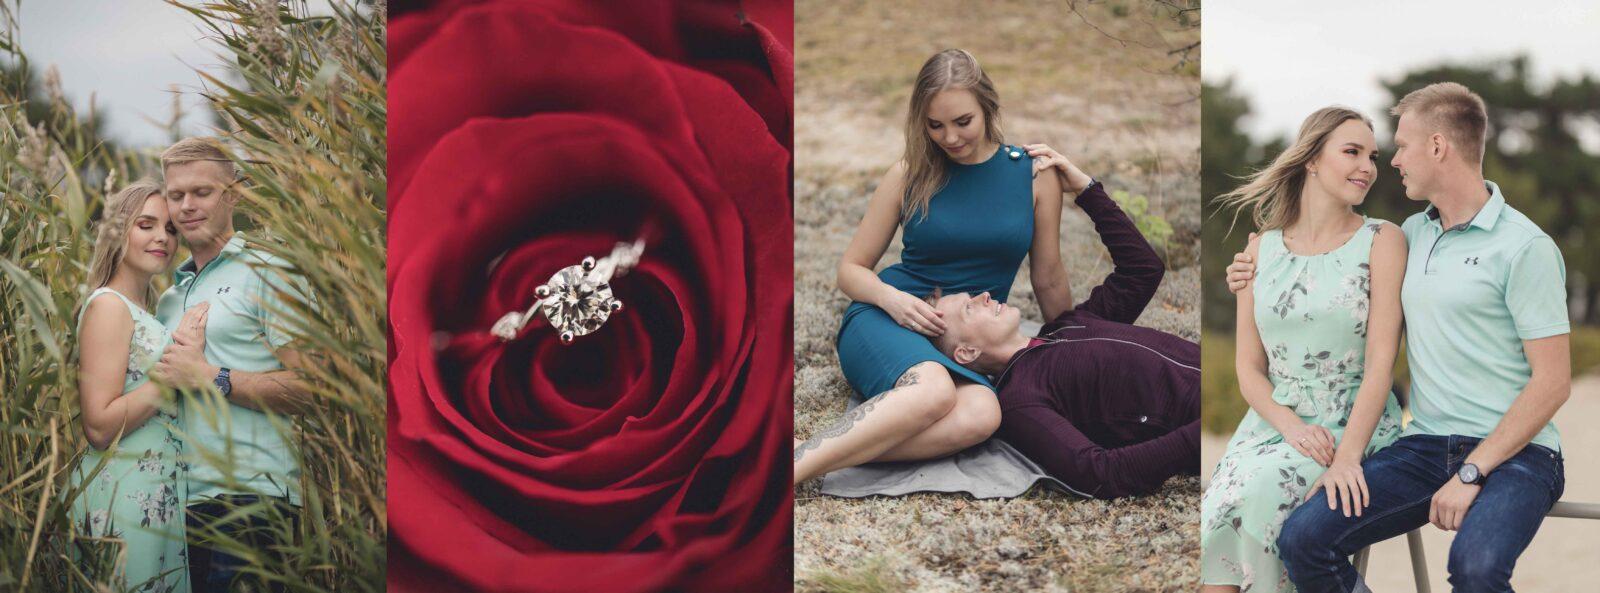 Kihlusepildid Tallinnas